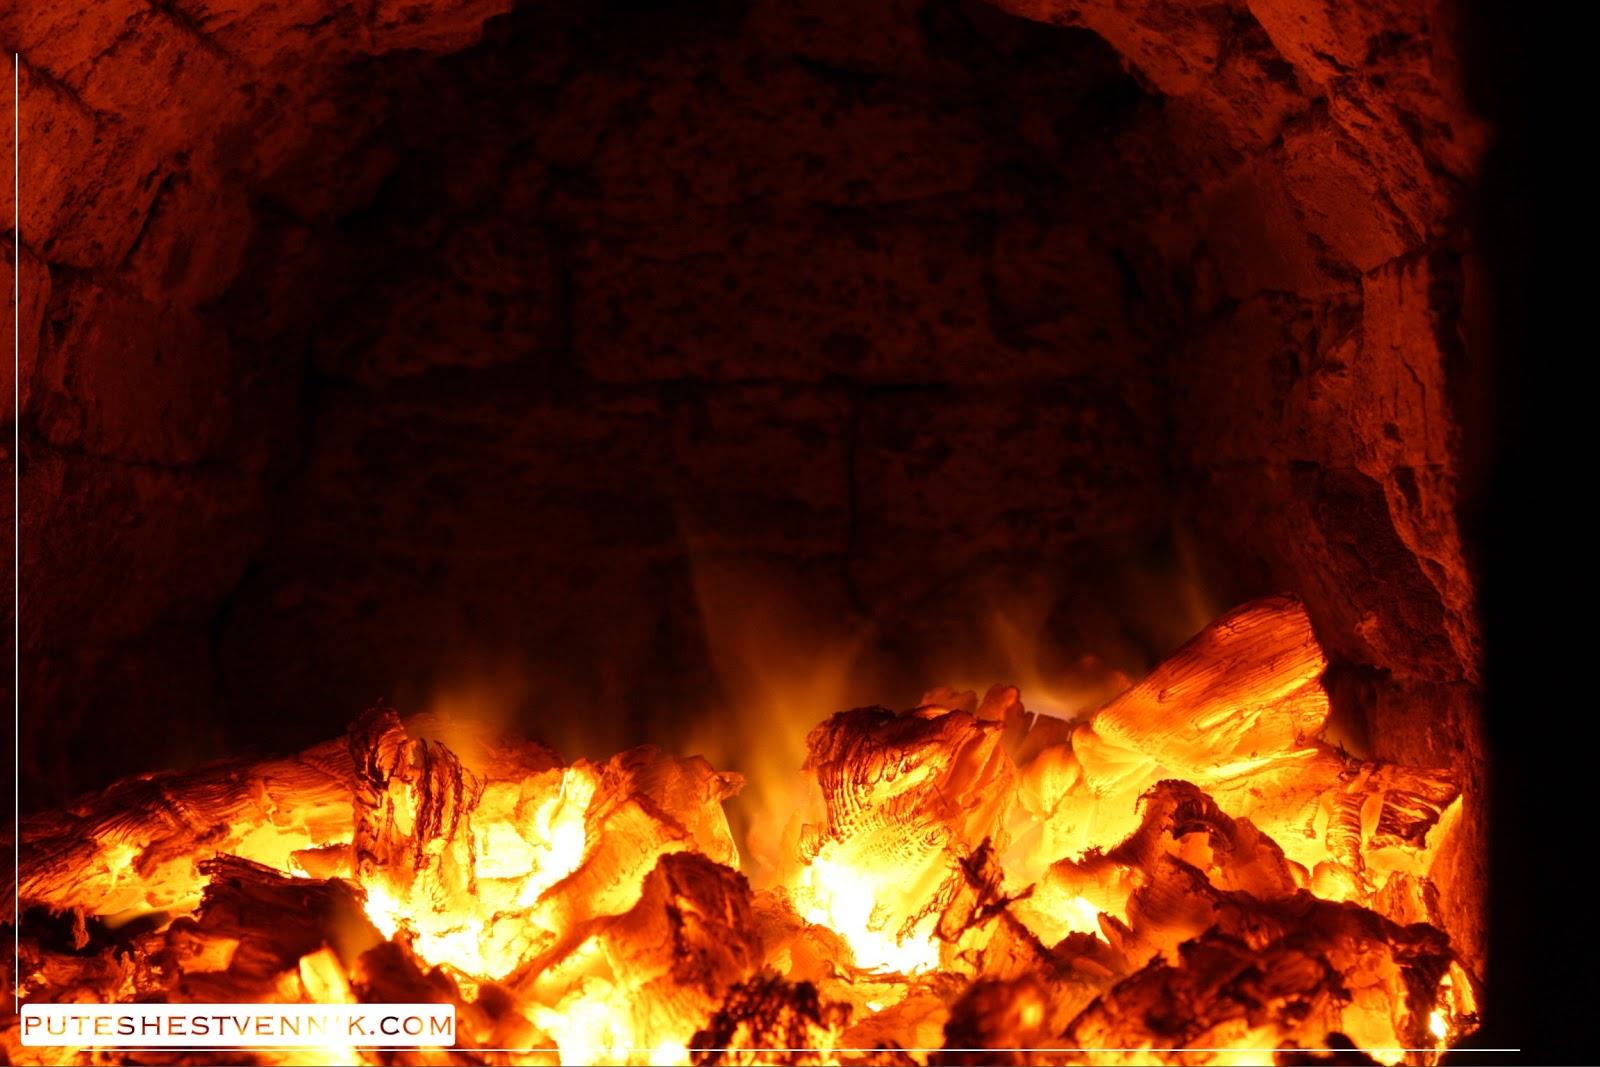 Традиционная печь в русской избе